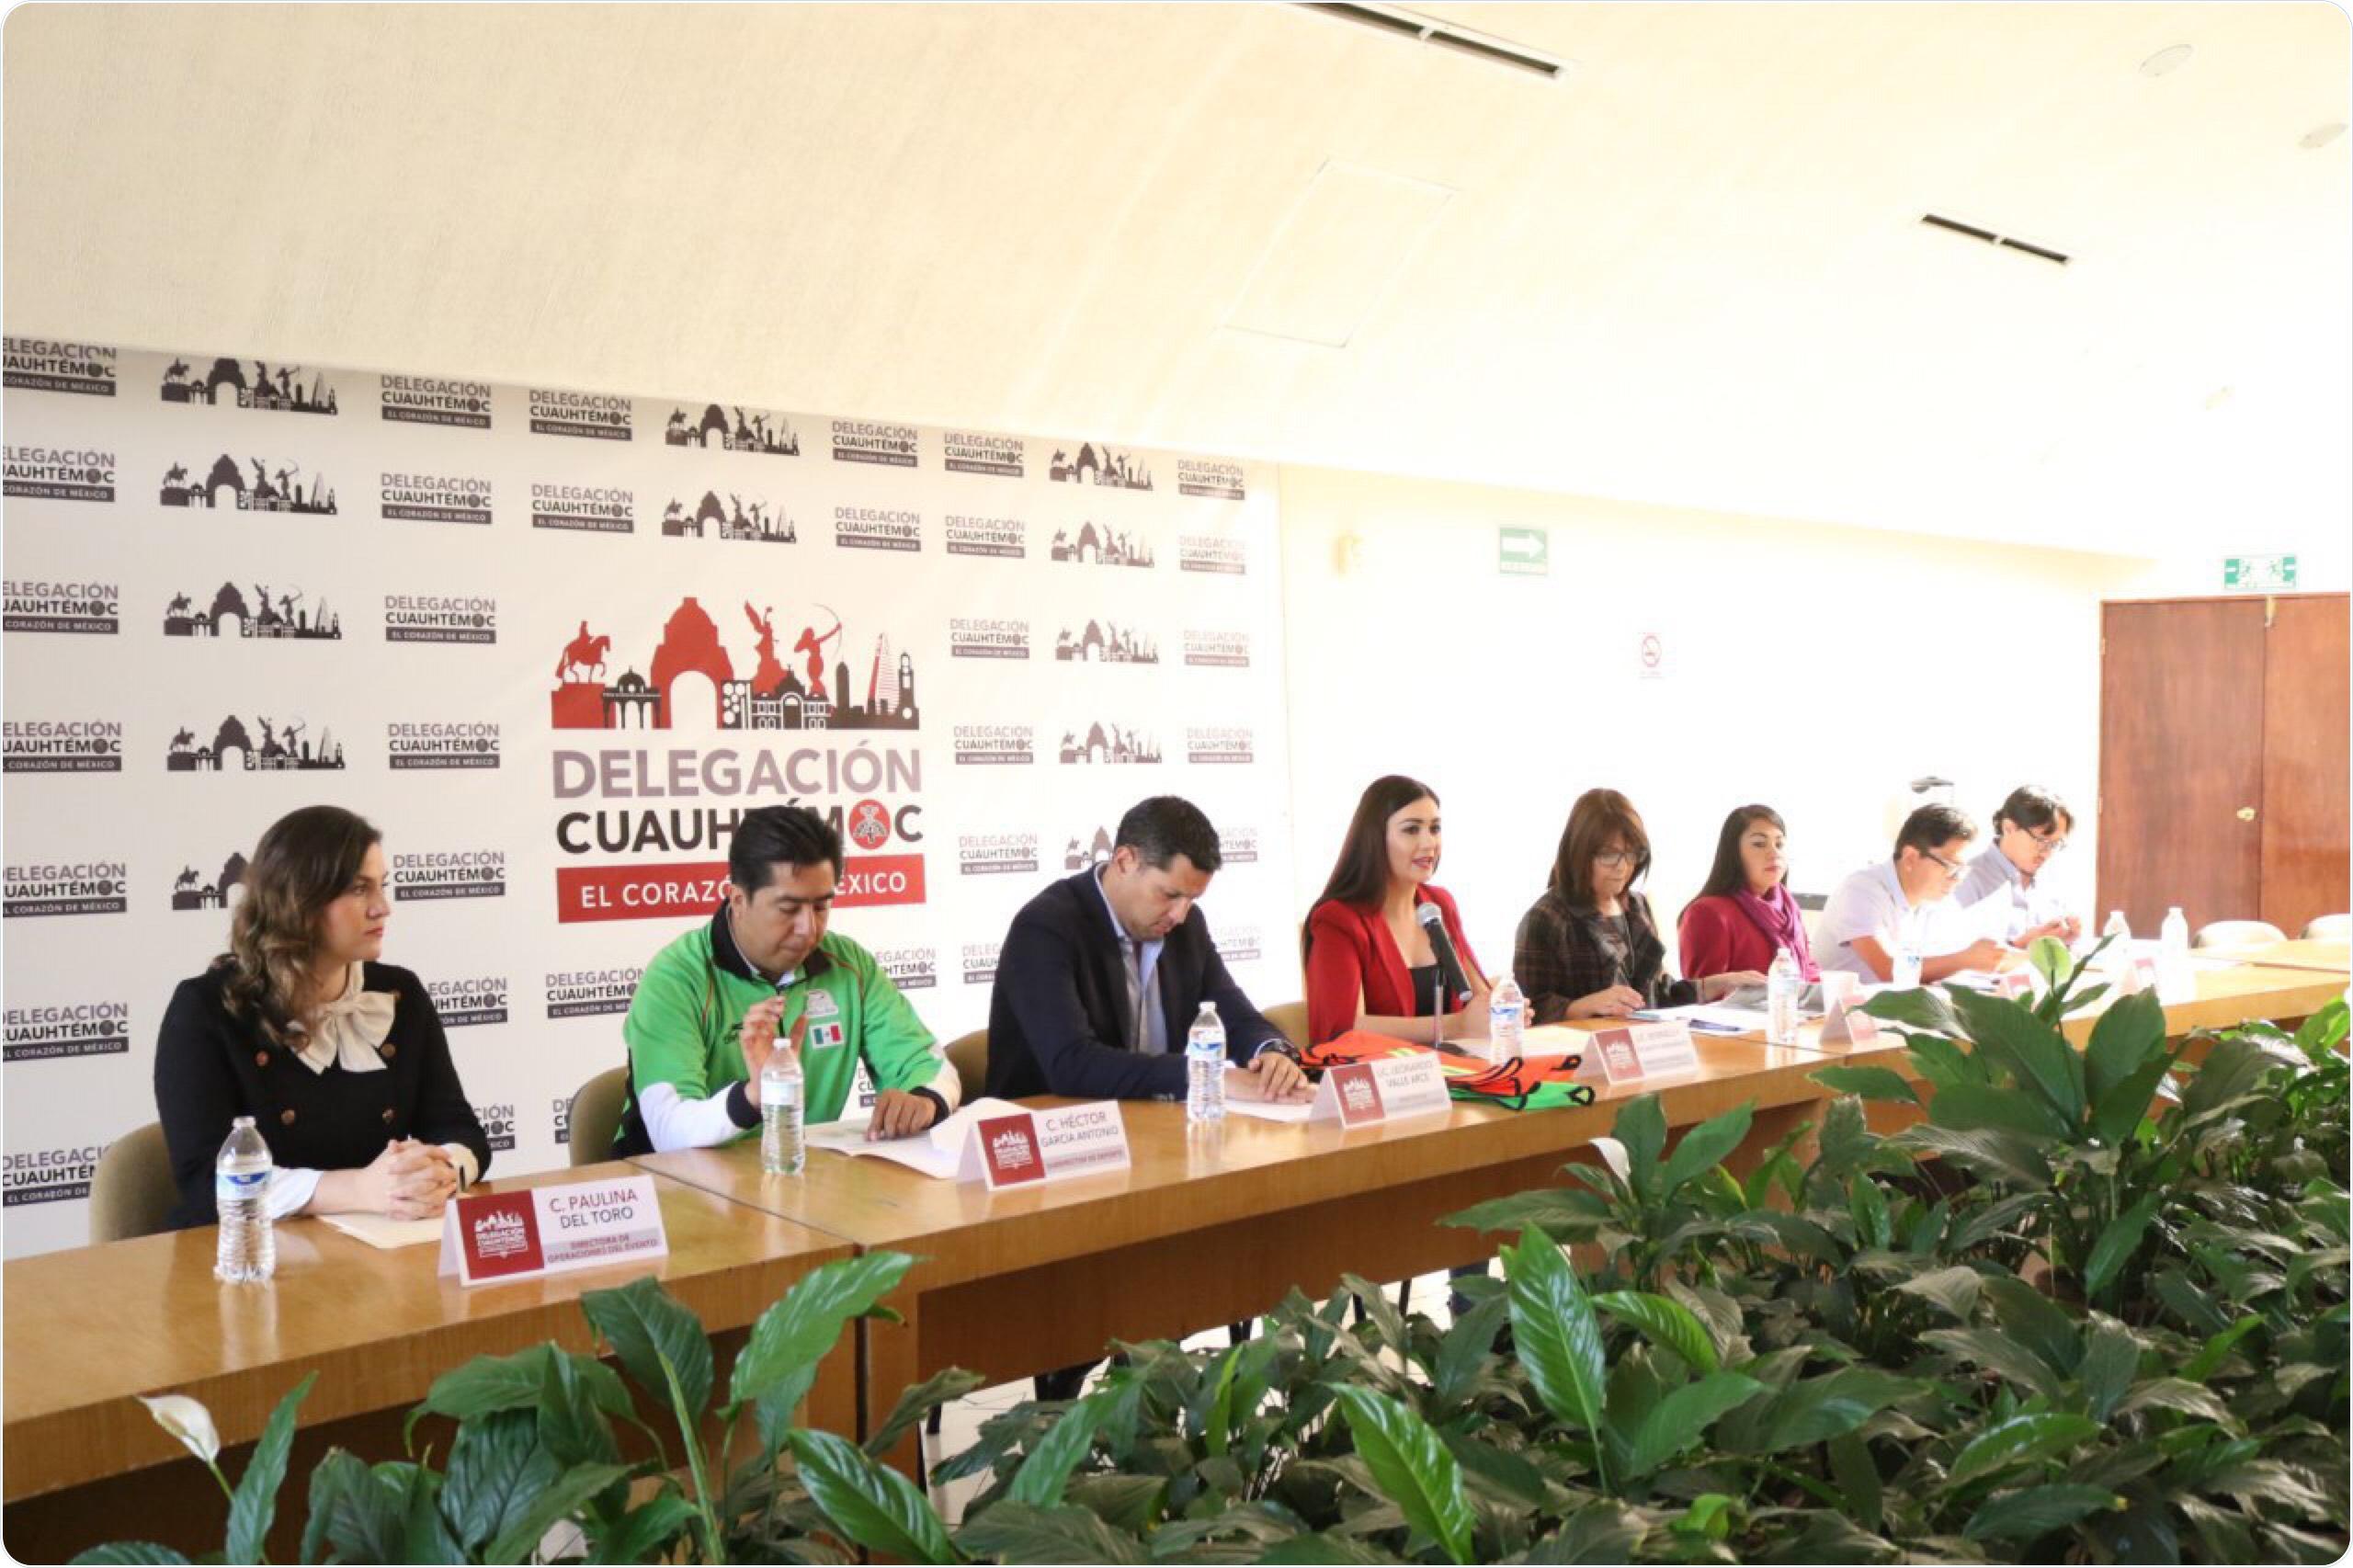 CON TURISMO SOCIAL Y FOMENTO ECONÓMICO, LOGRAN DIFERENCIAR A LA CUAUHTÉMOC